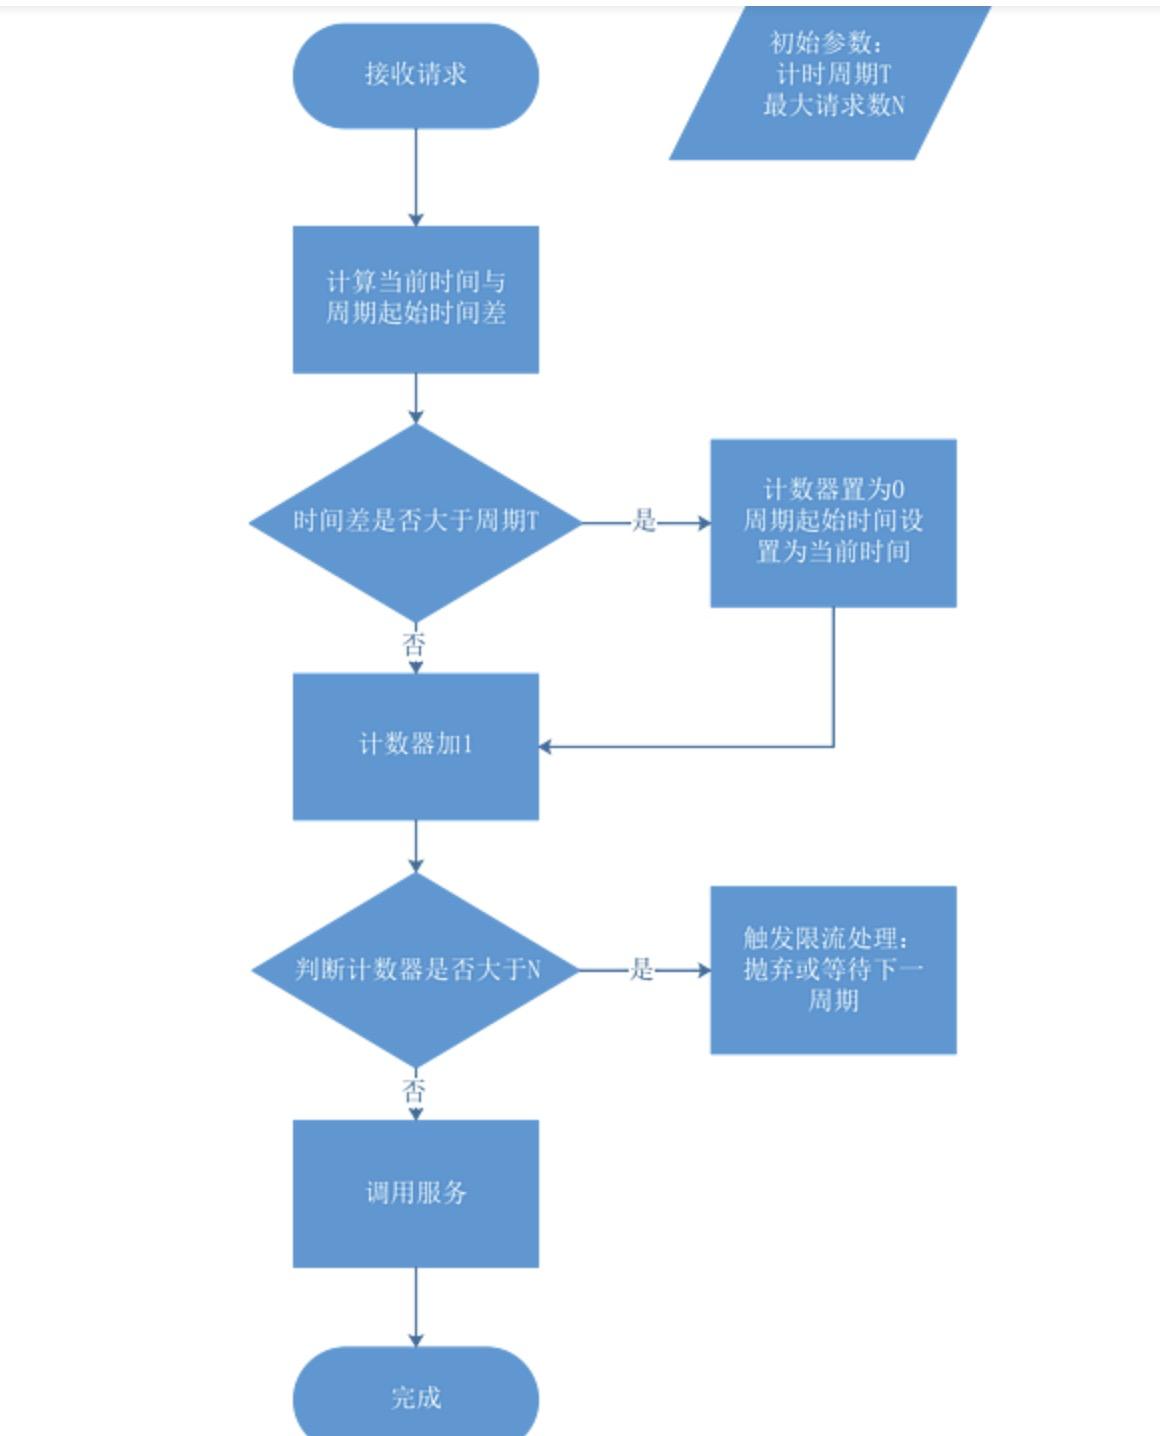 ☕【Java技術指南】「併發程式設計專題」針對於Guava RateLimiter限流器的入門到精通(含實戰開發技巧)